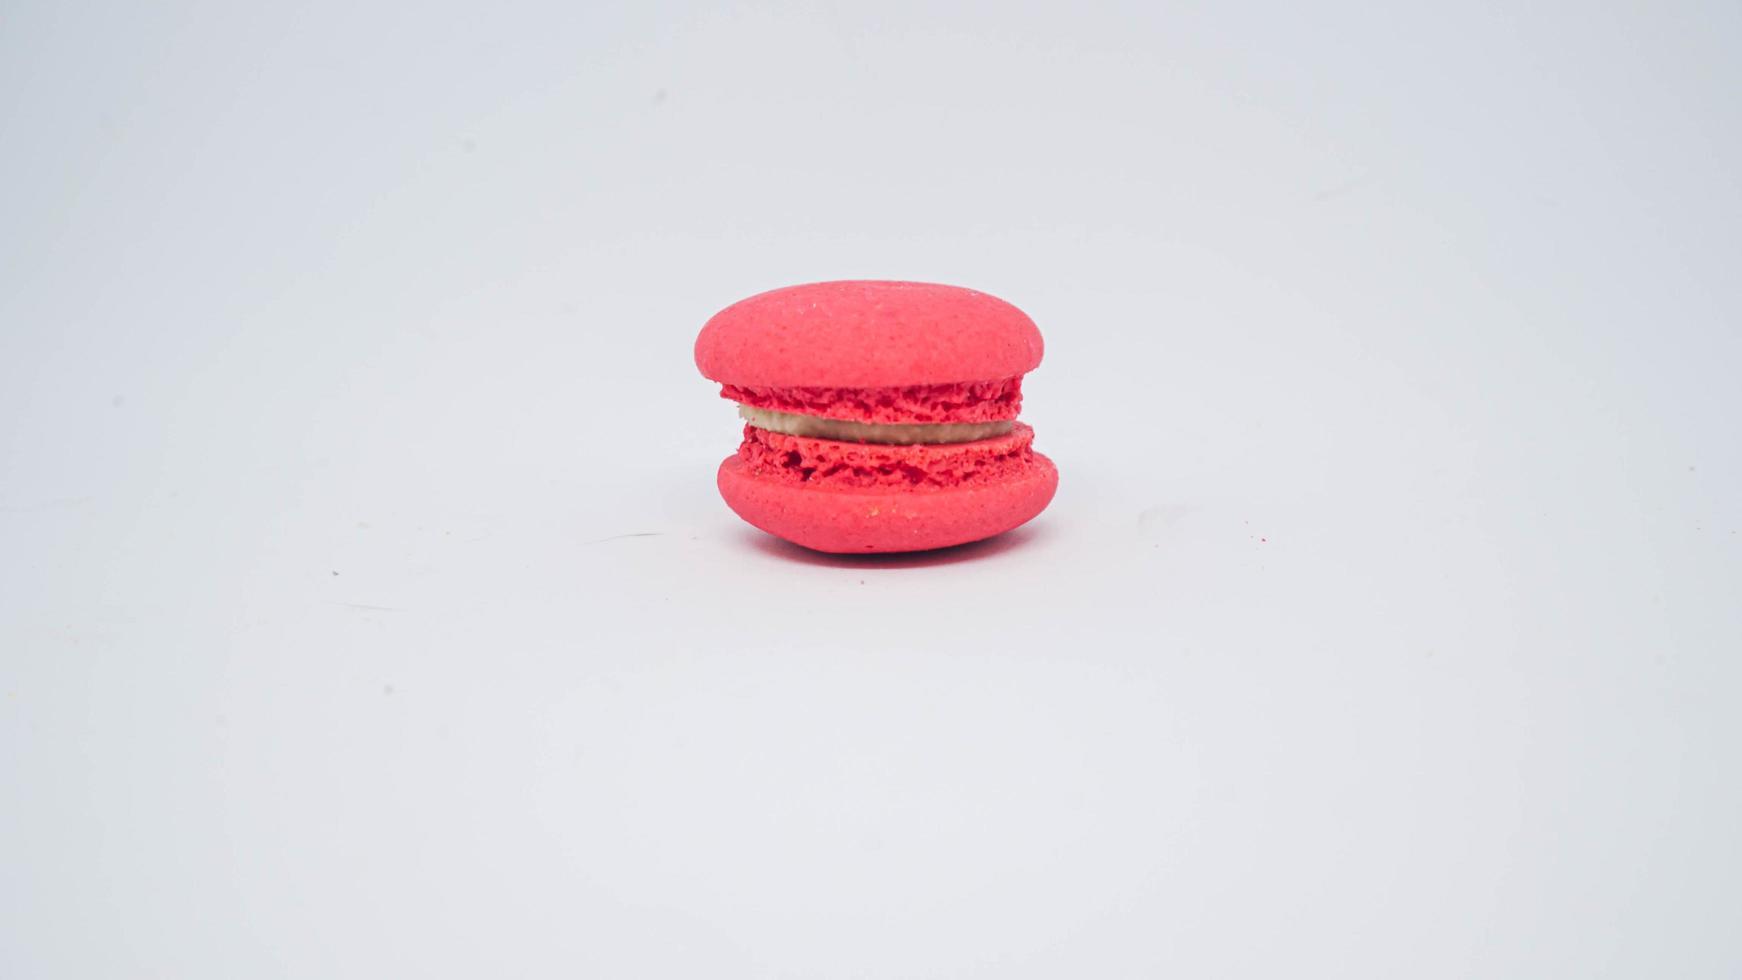 rosa Macaron auf weißem Hintergrund foto